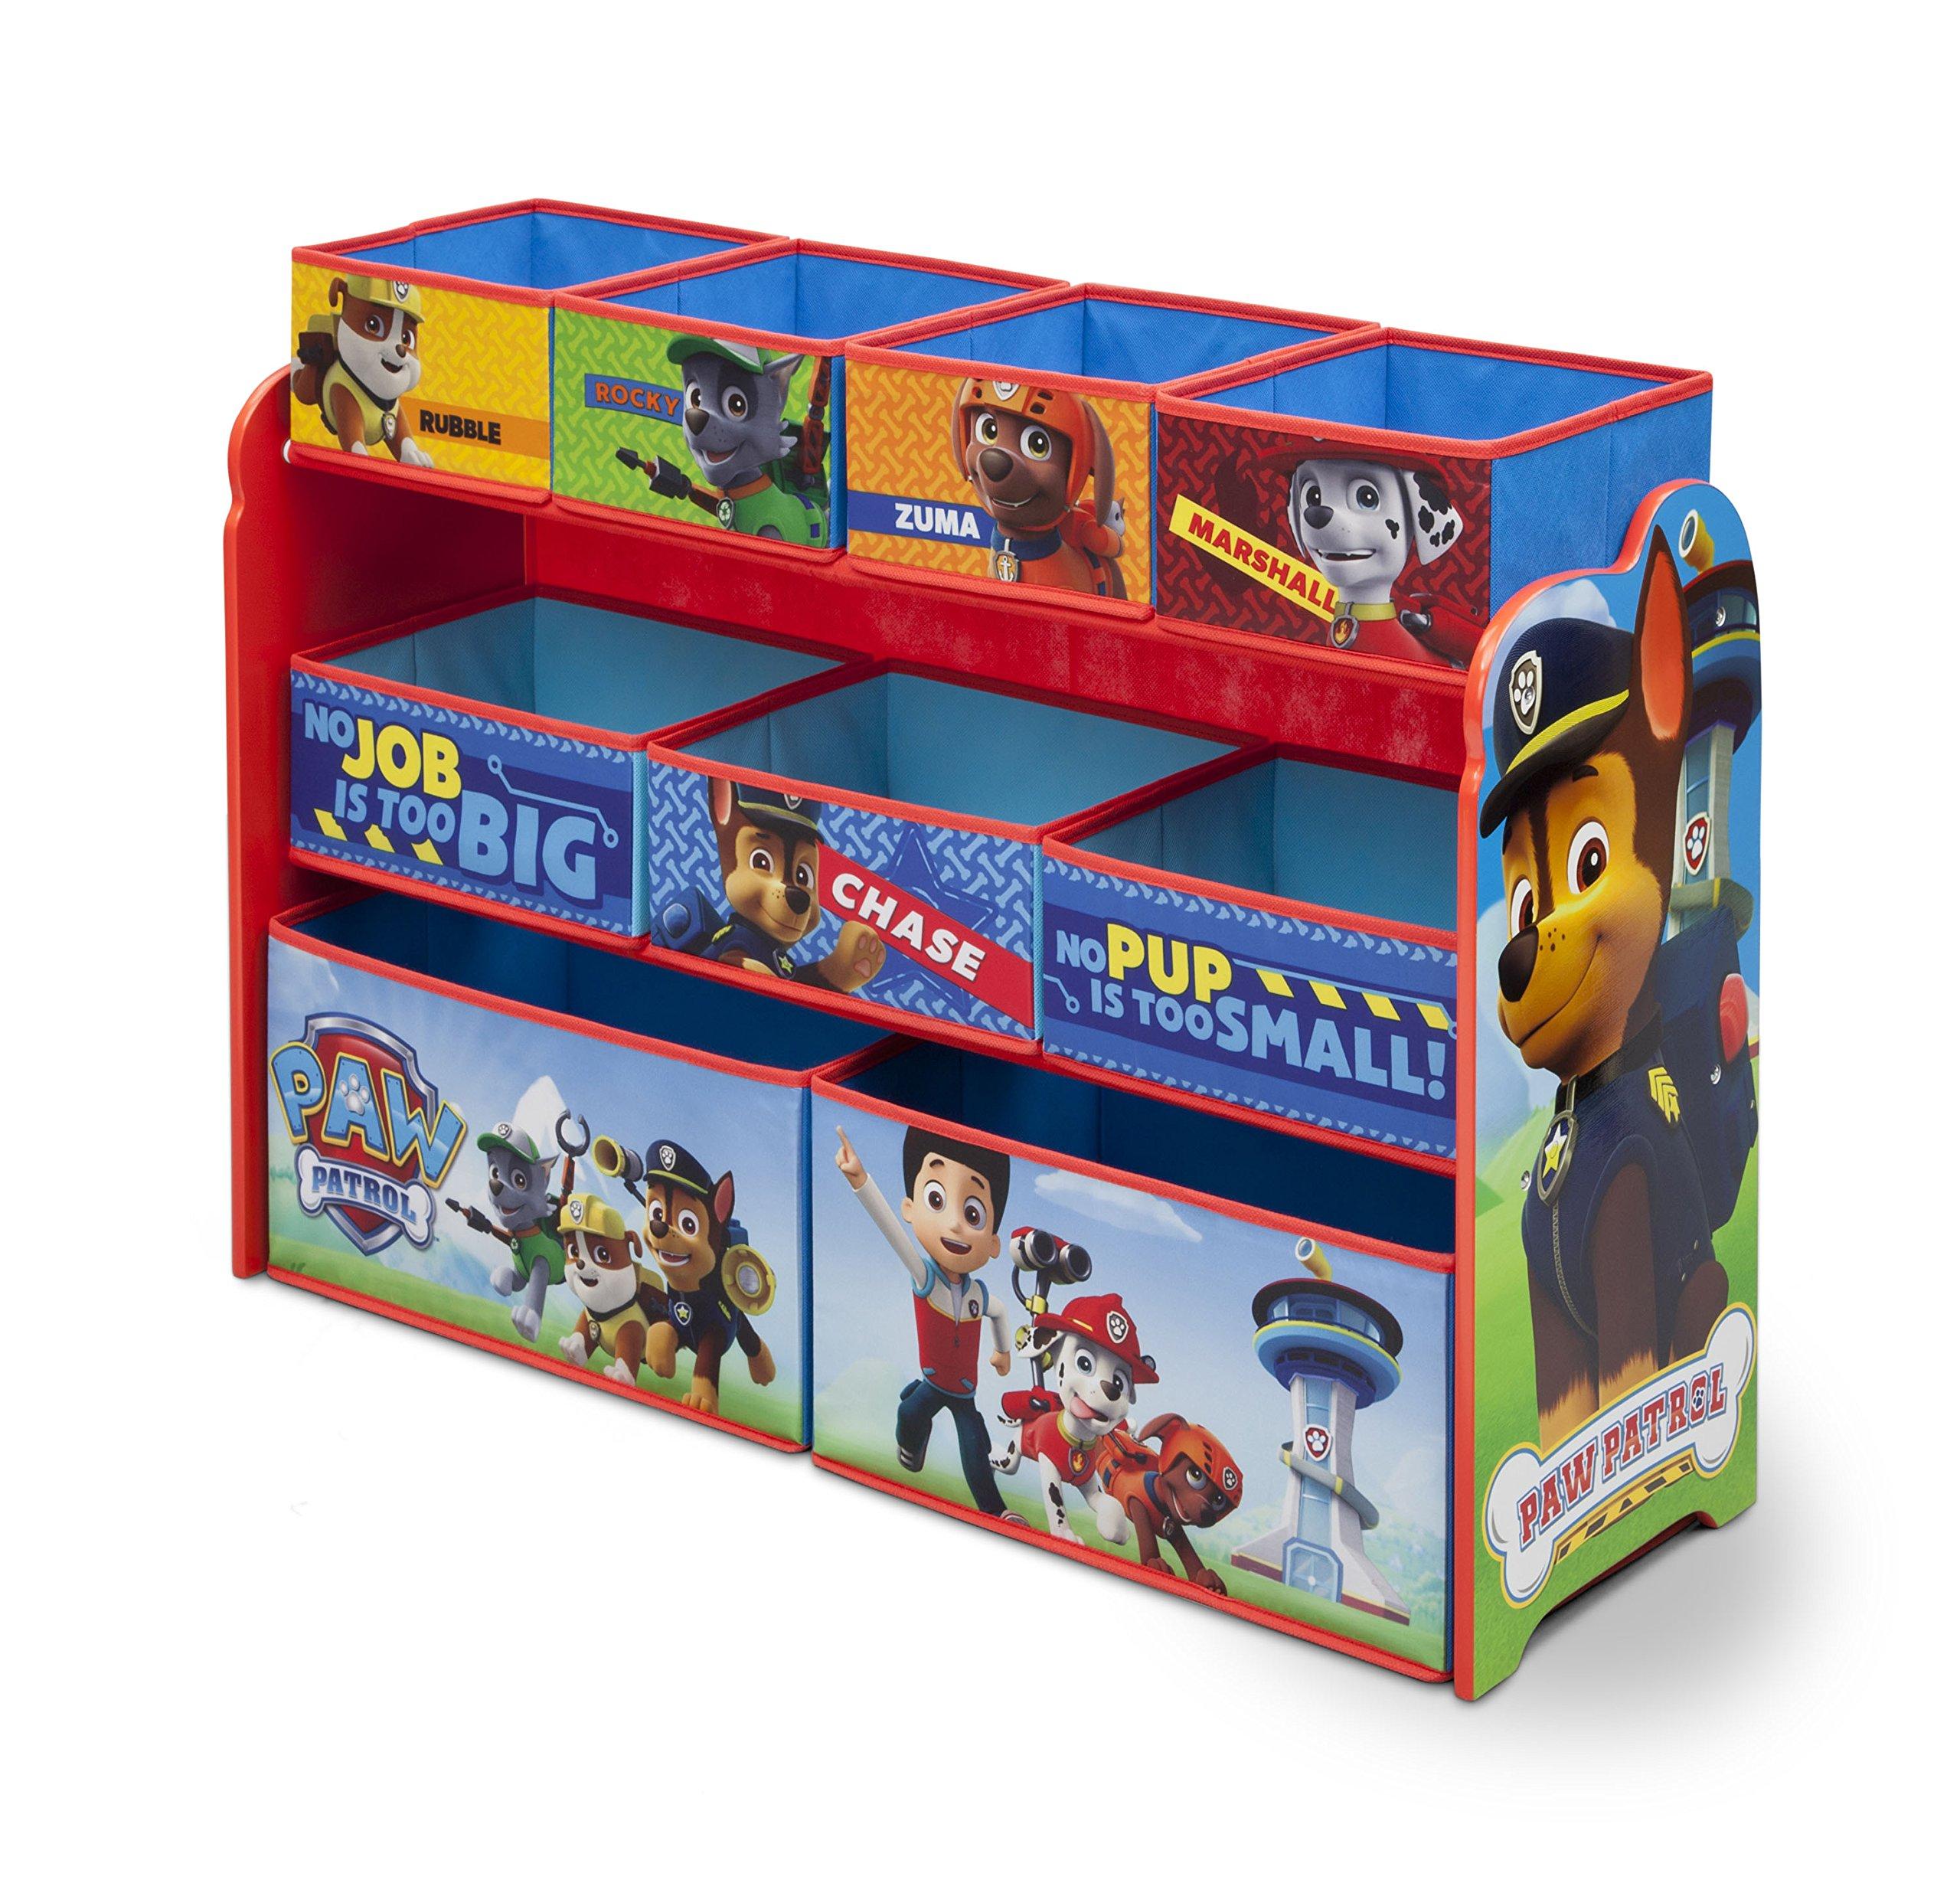 Delta Children Deluxe Multi-Bin Toy Organizer, Nick Jr. PAW Patrol